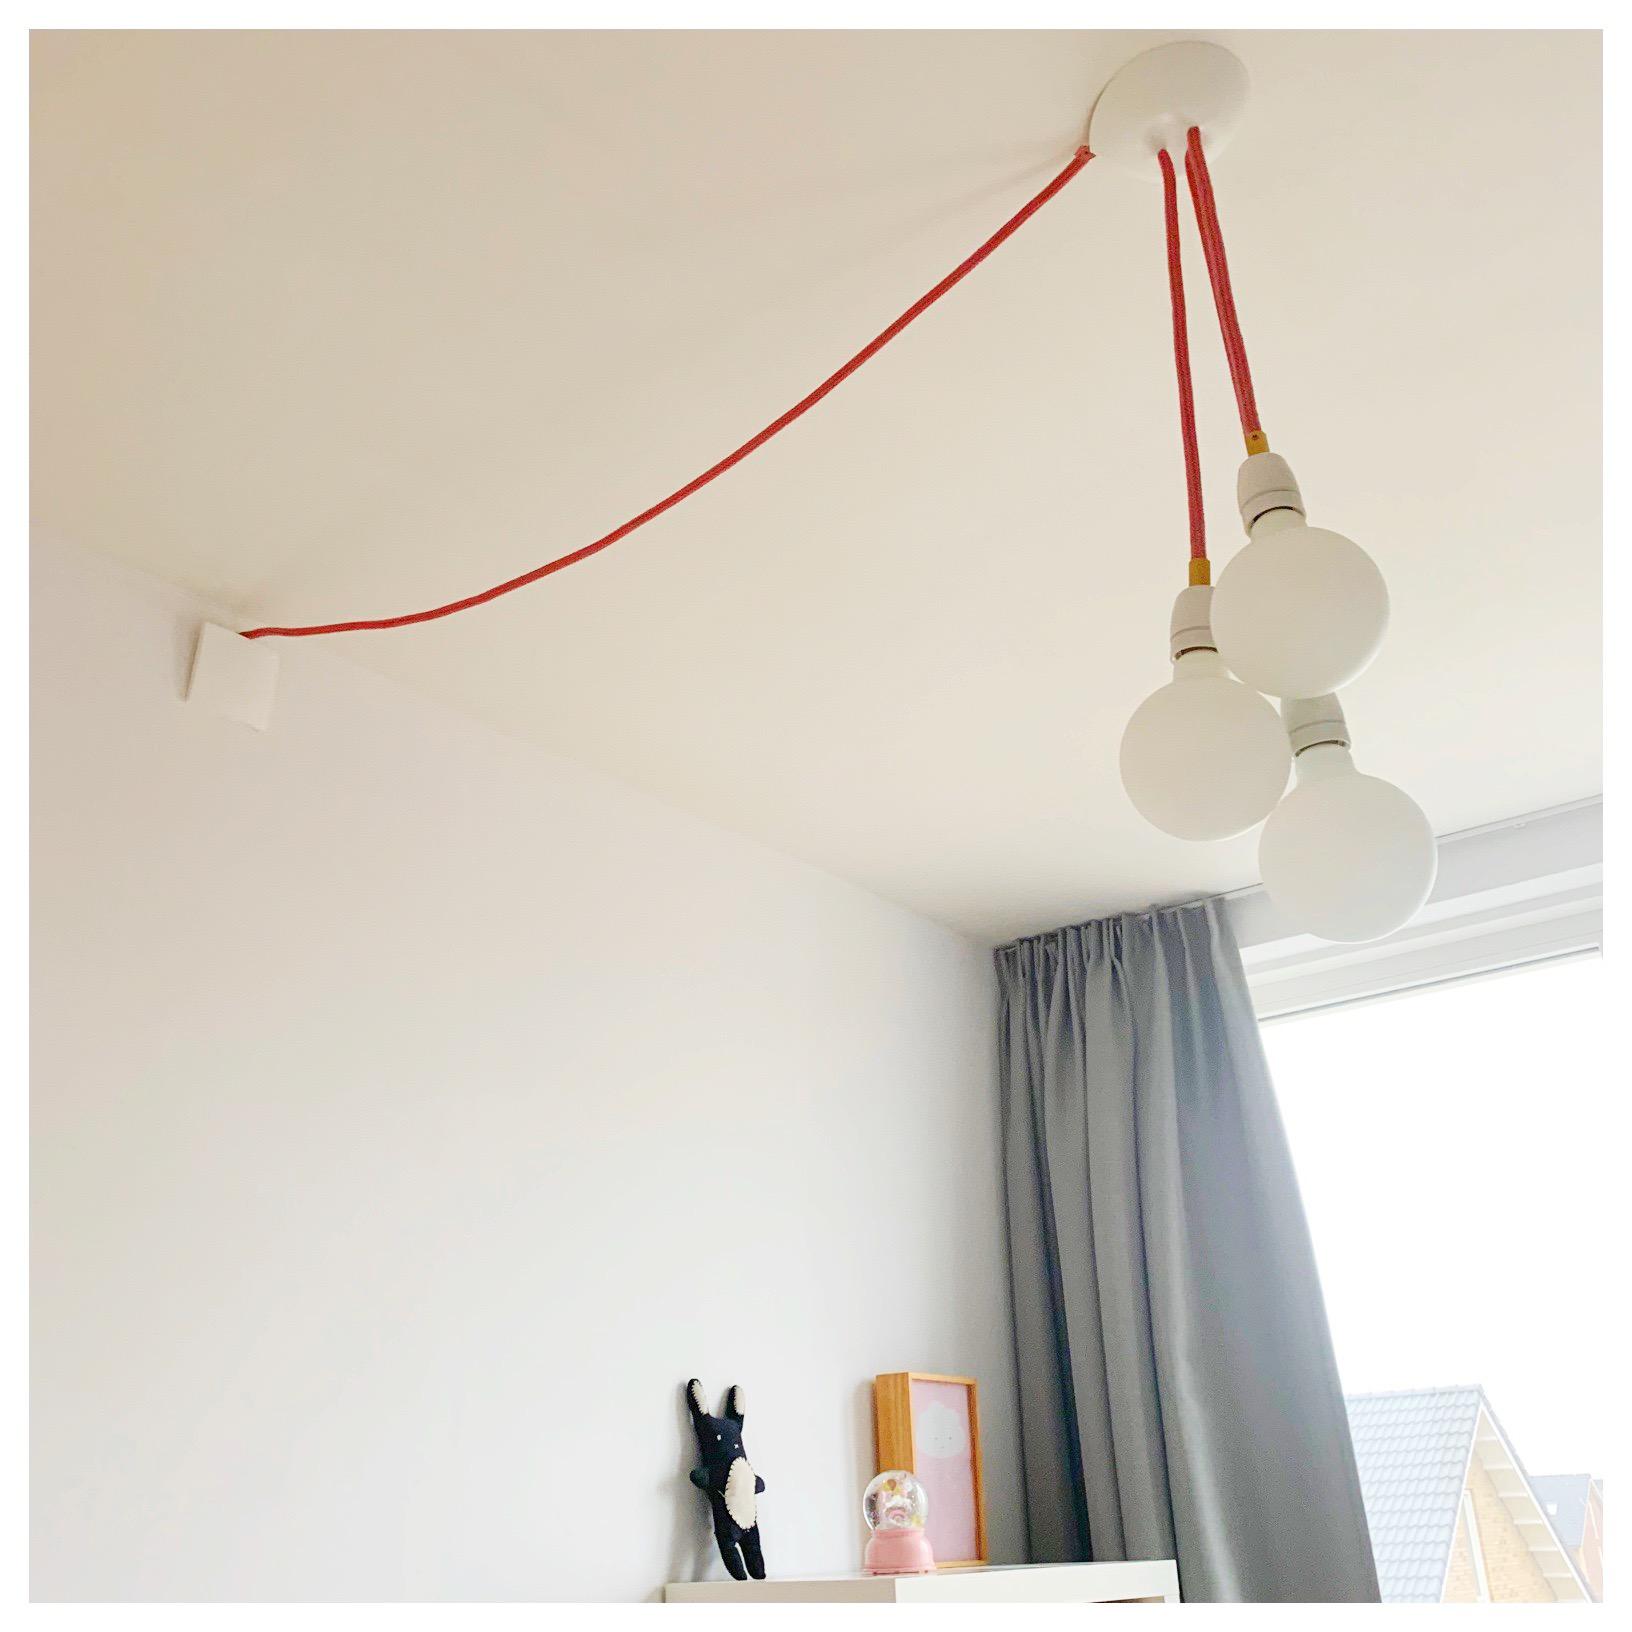 snoerboer 3 lampen